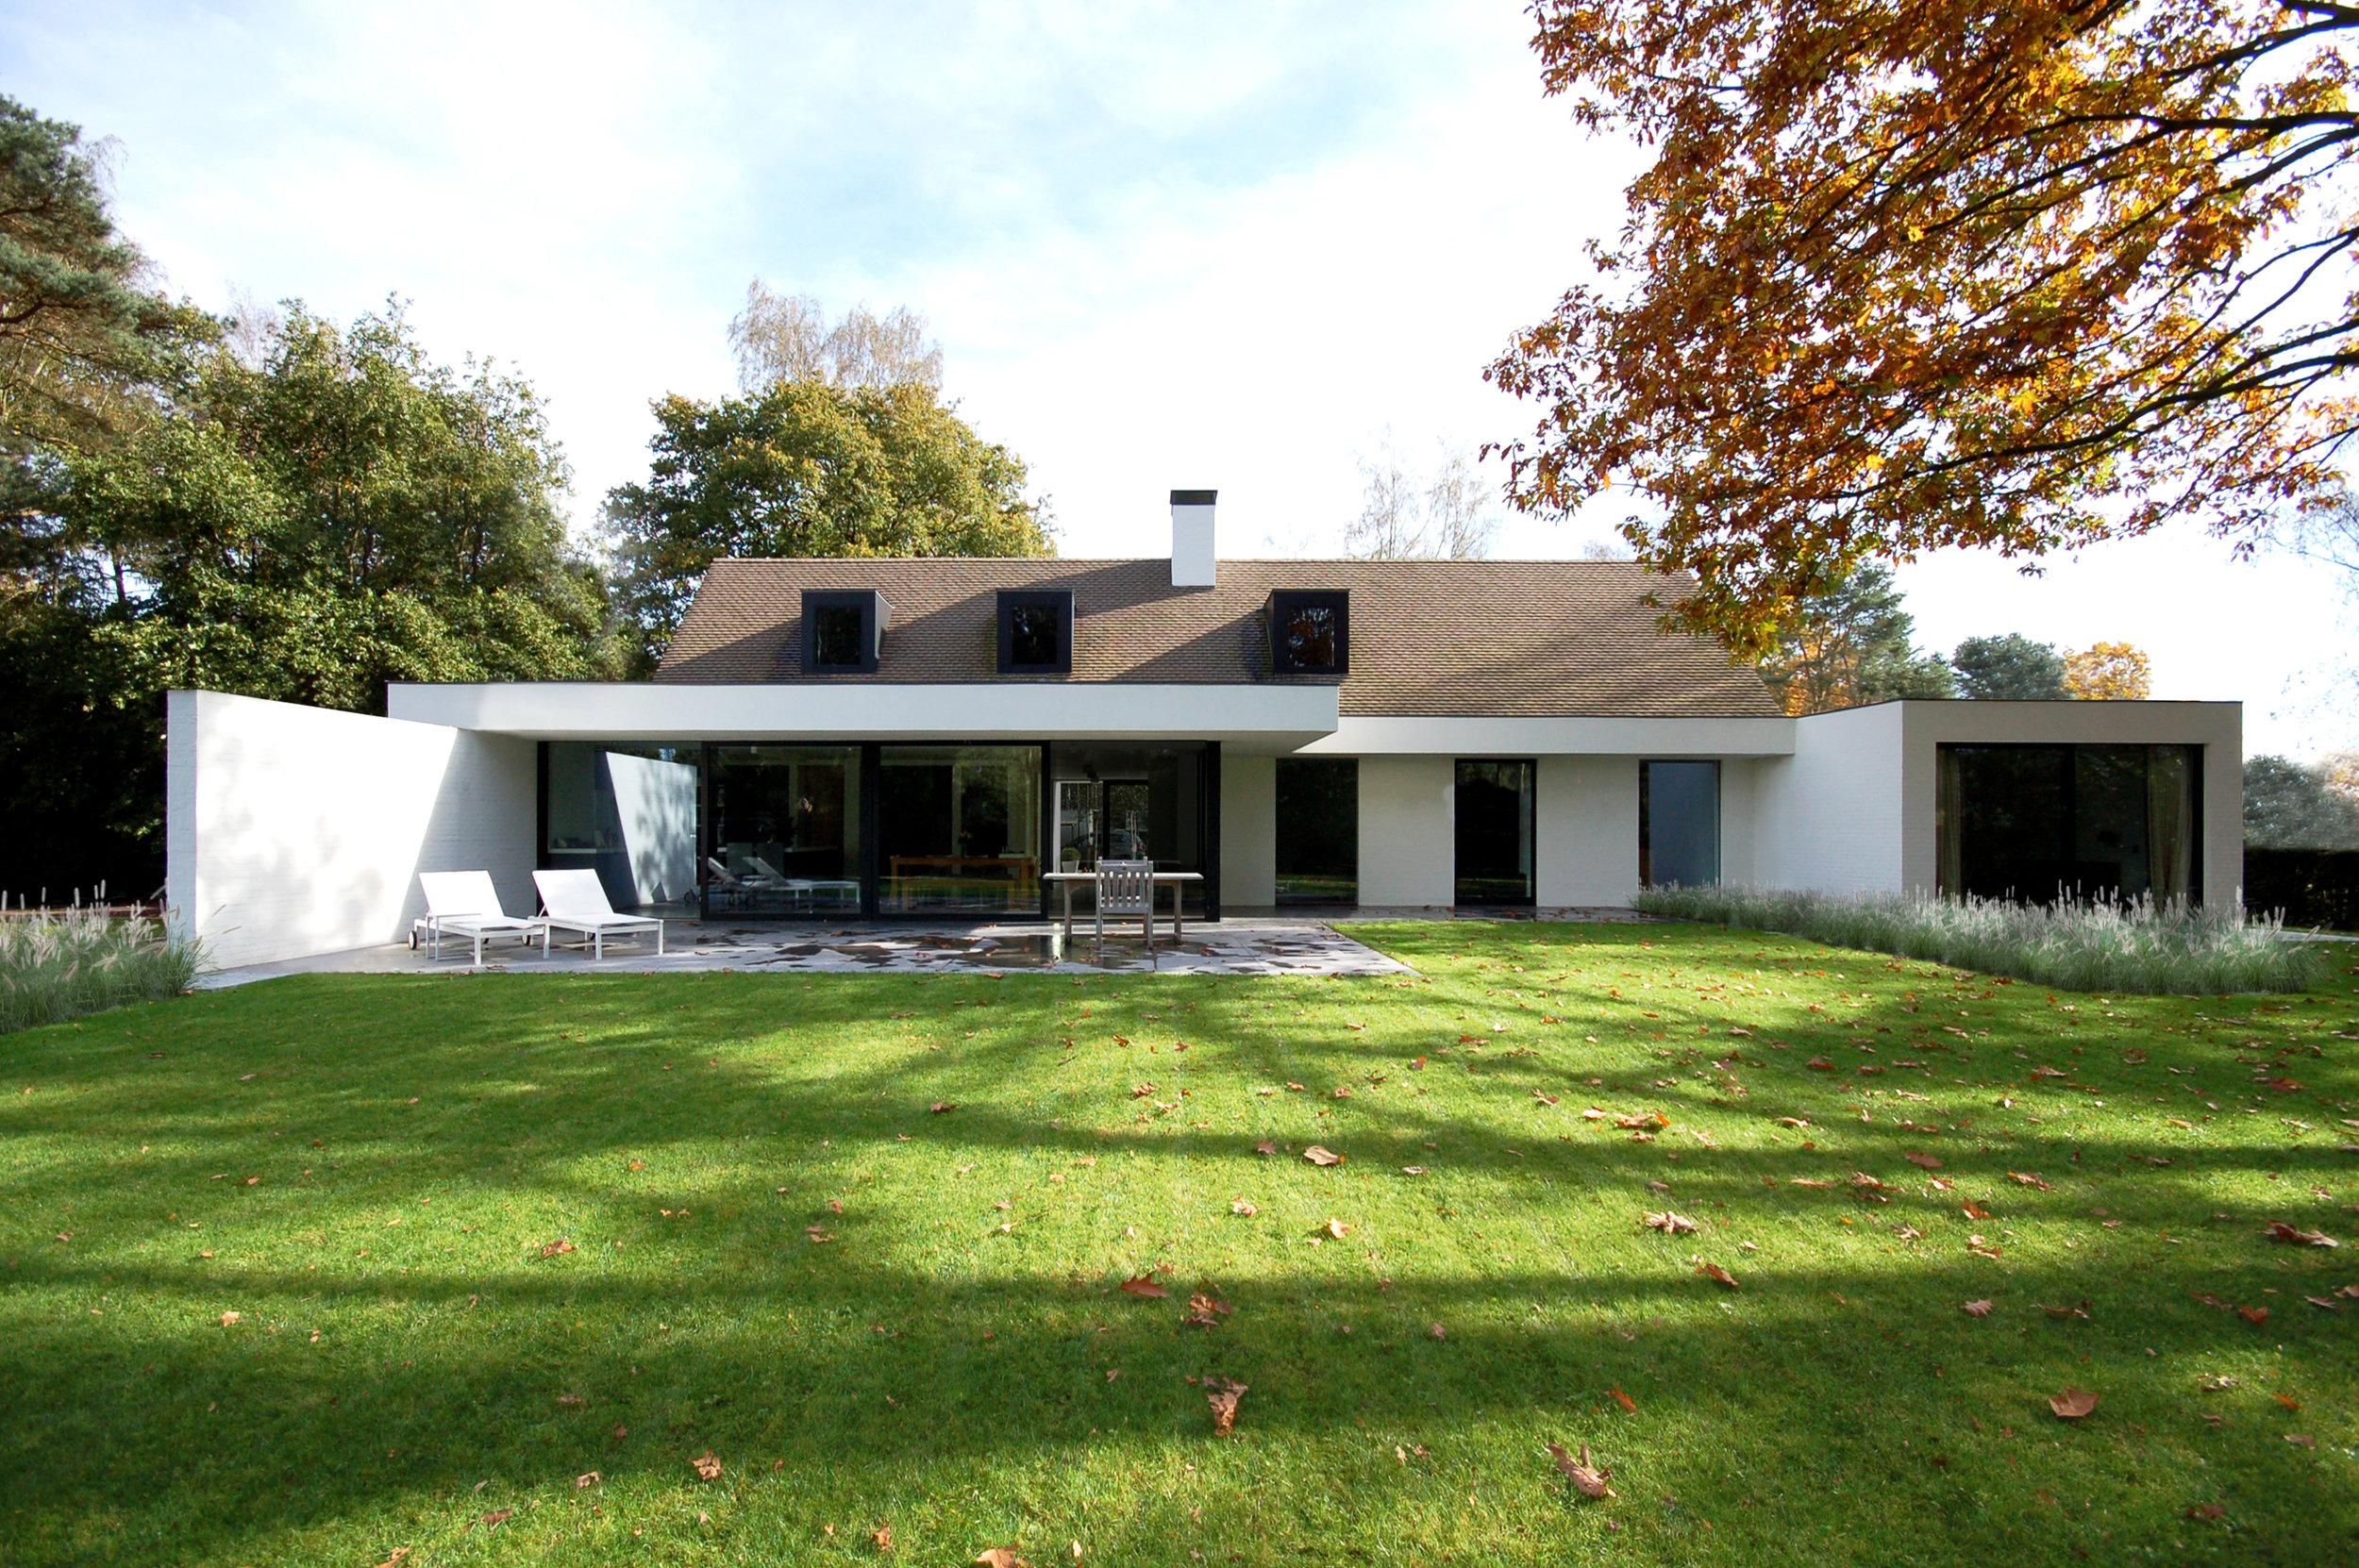 demeestervliegen-architecture-interior-interiorarchitecture-office37.jpg